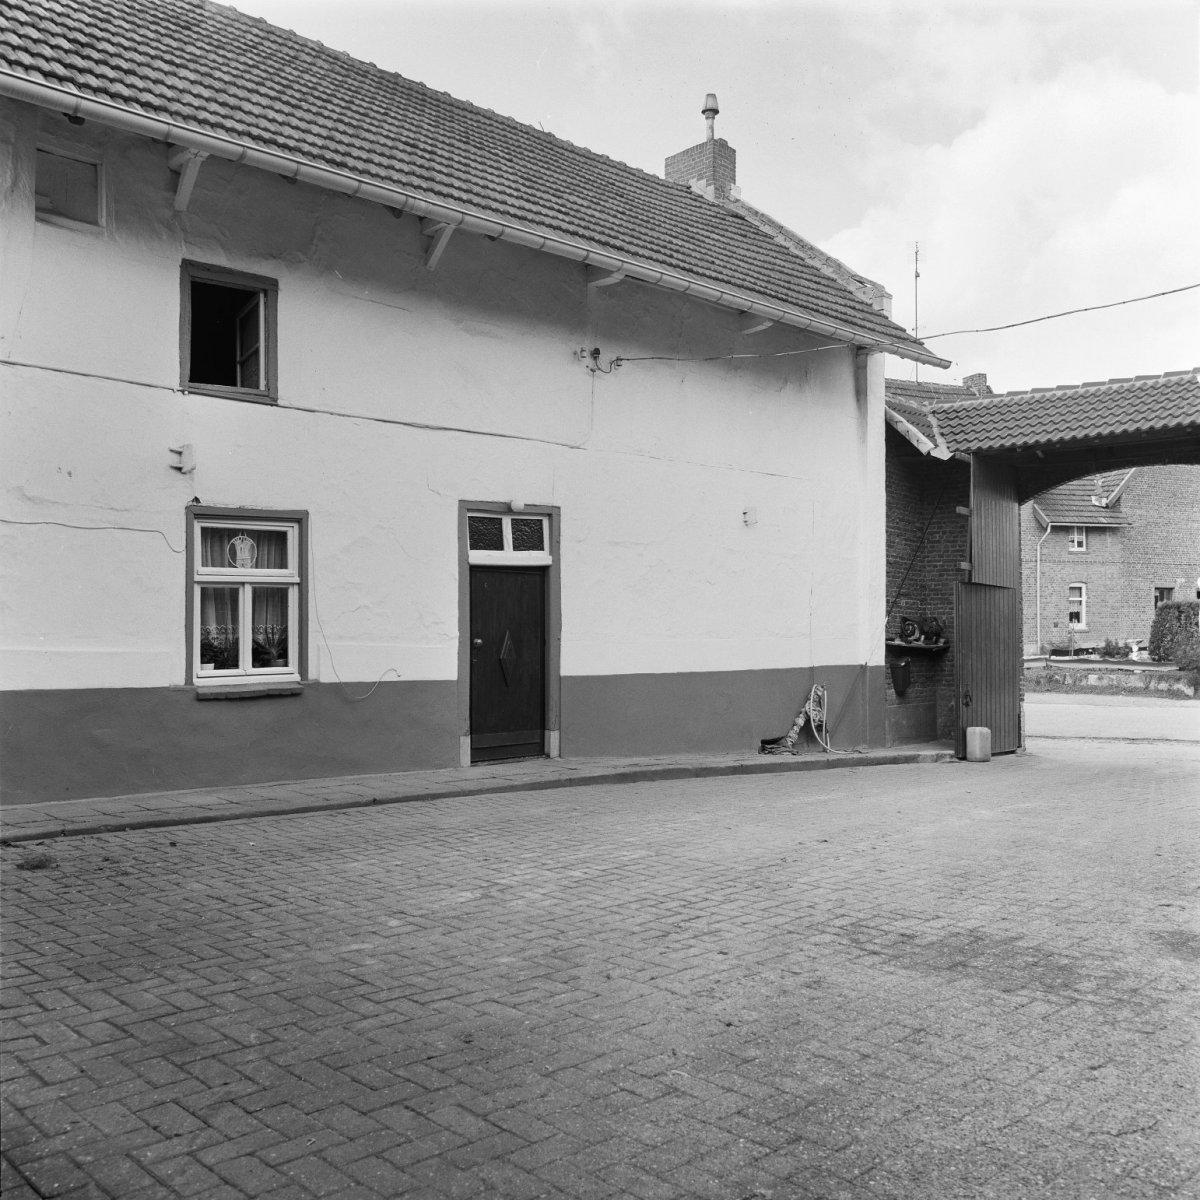 File exterieur gevel woonhuis aan de binnenplaats groot welsden 20303827 - Decoratie exterieur gevel ...